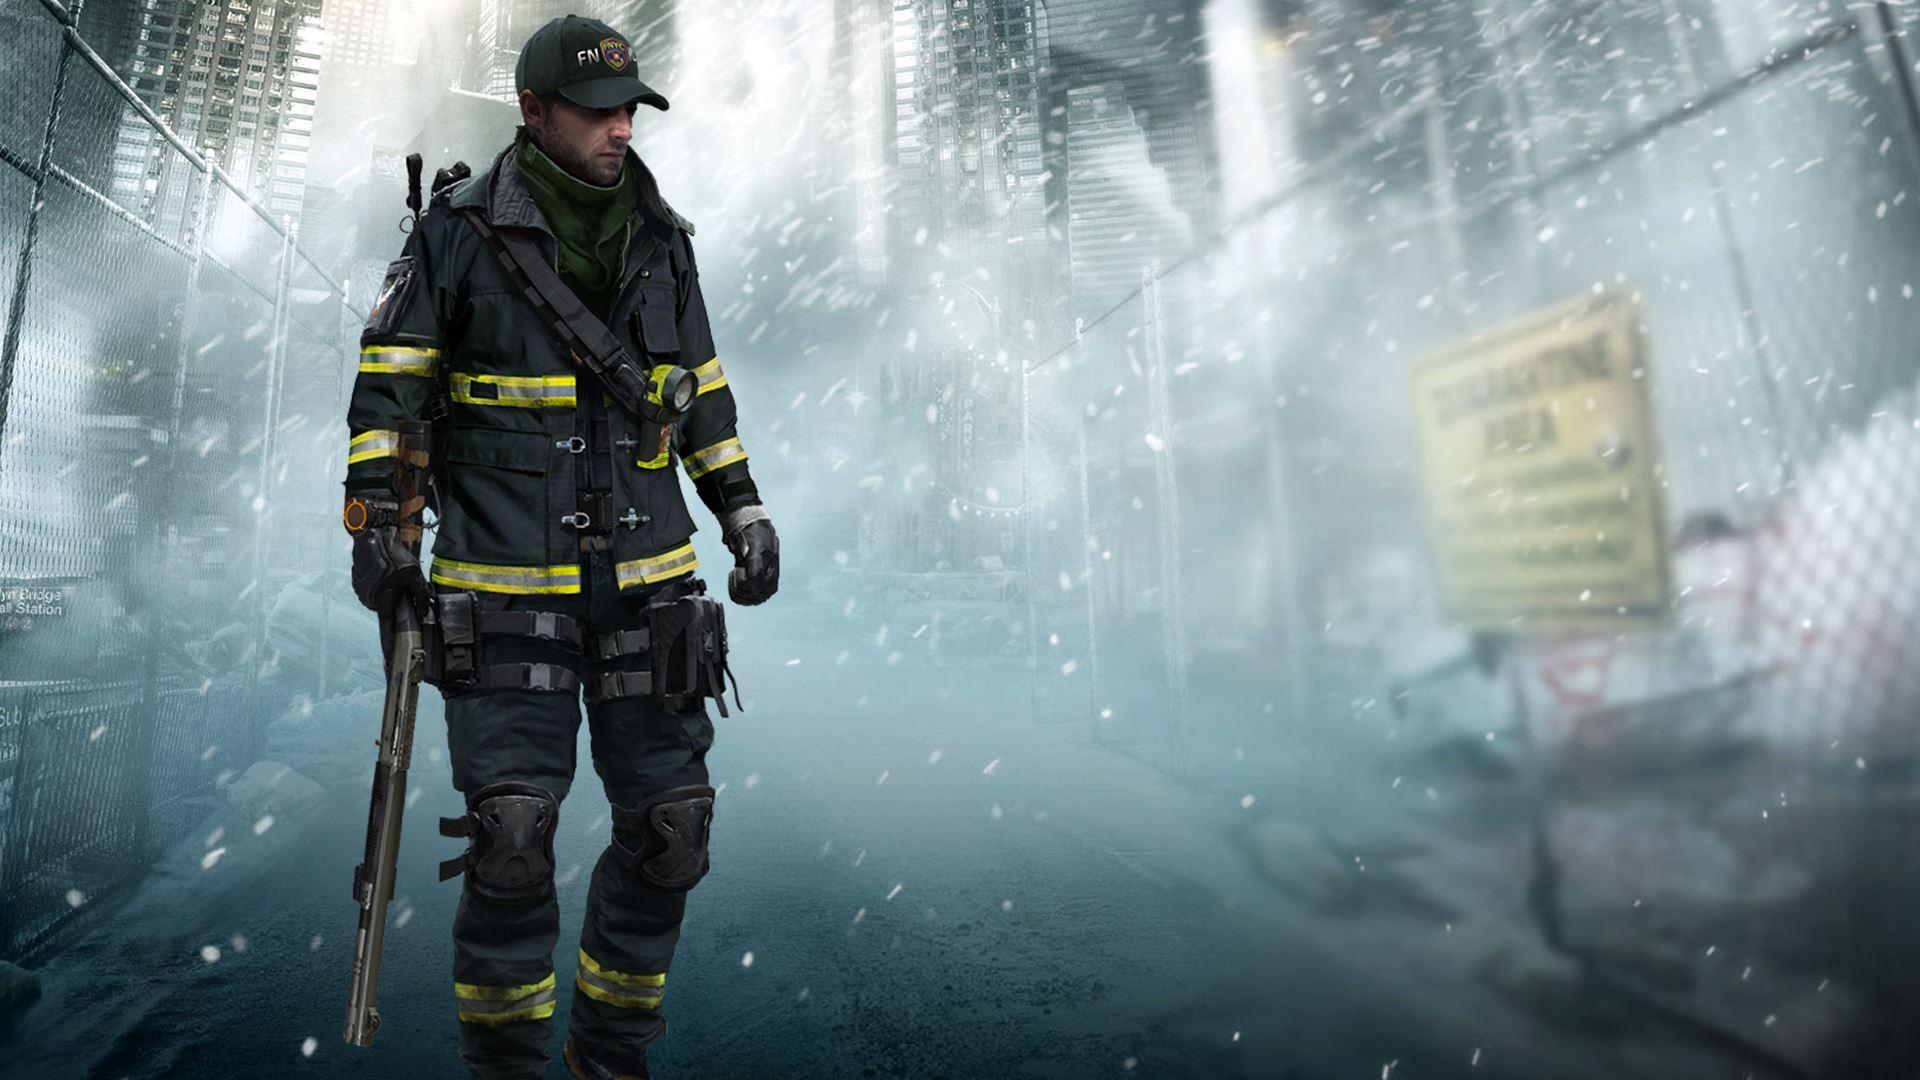 Firefighter Gear Set